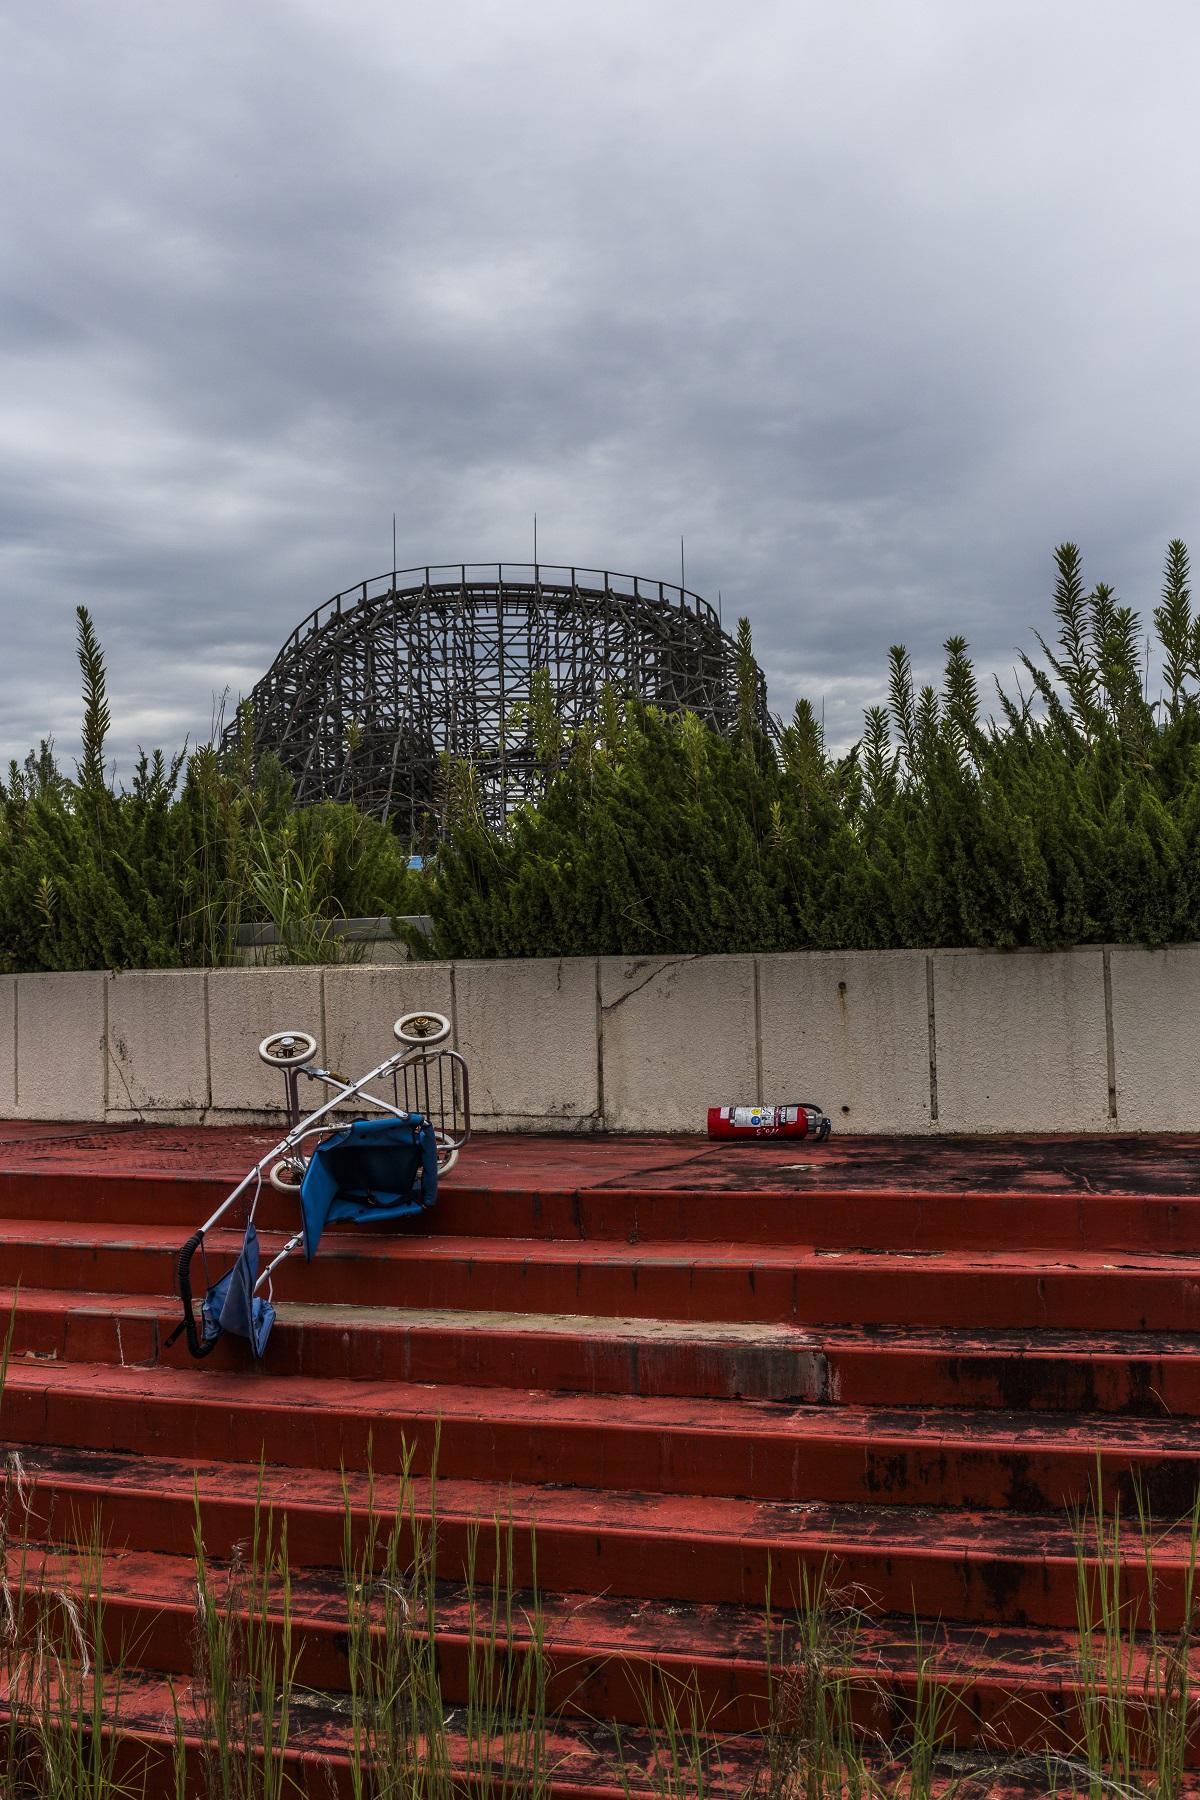 Si può considerare il simbolo del consumismo Giapponese, Nara Dreamland è il parco giochi abbandonato più grande al mondo.Qui il nostro reportage